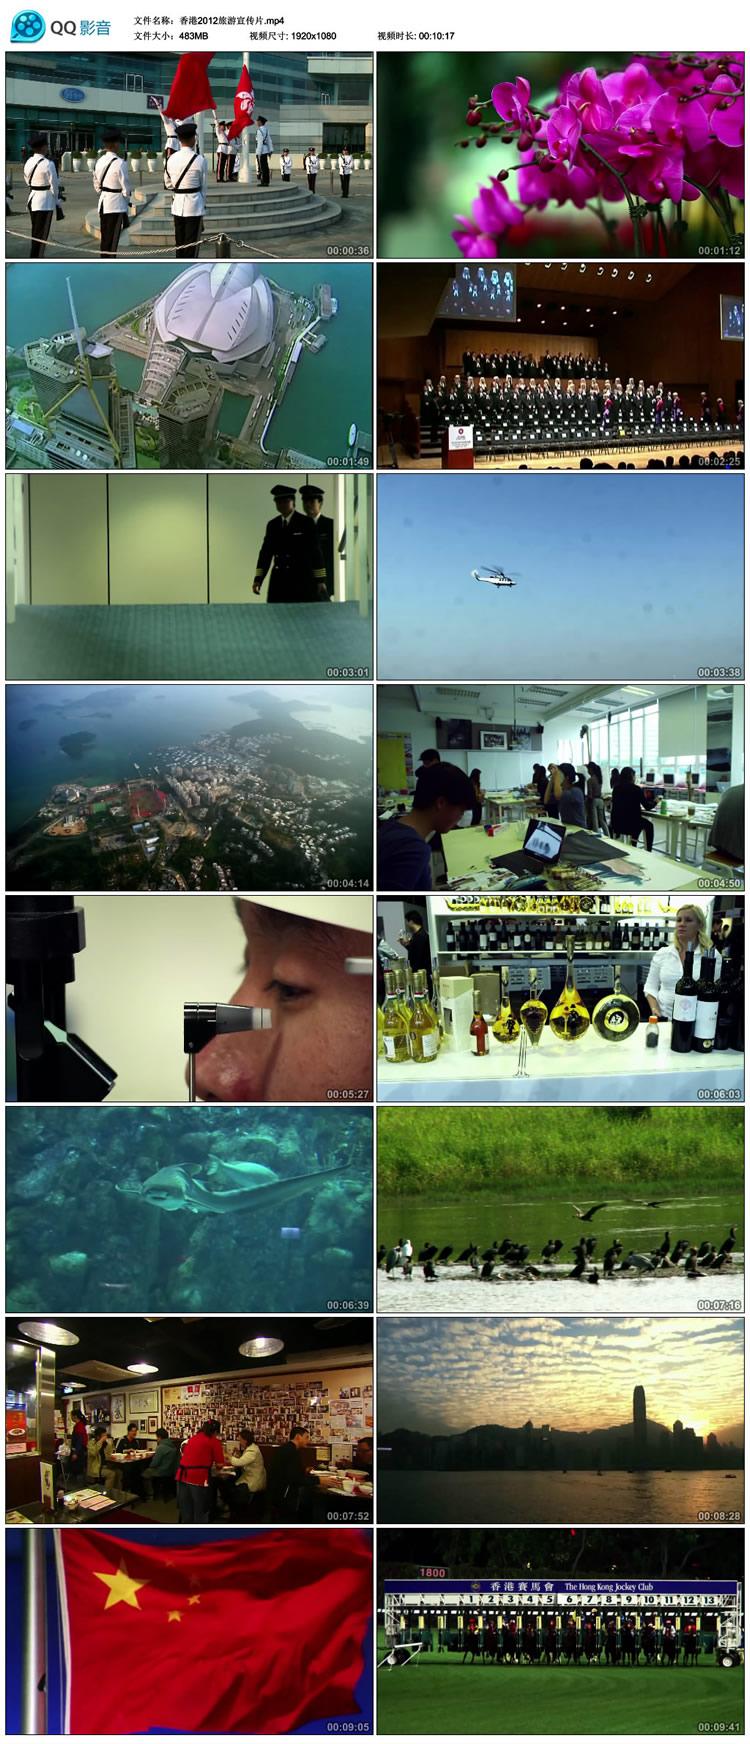 香港城市旅游宣传片实拍航拍香港人文生活交通运输高清视频素材